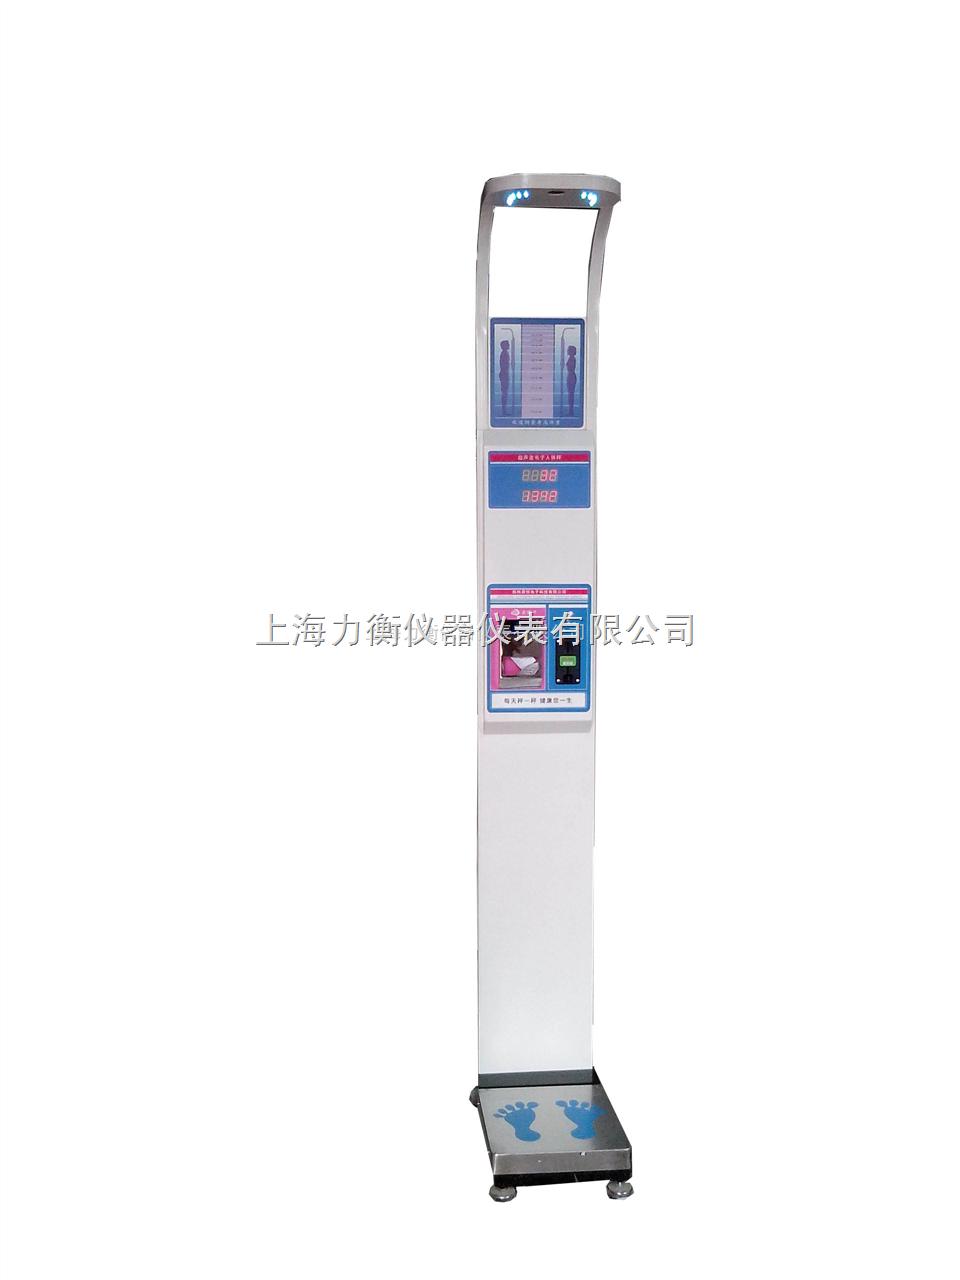 医院体检秤*DHM-16投币式身高体重秤价格